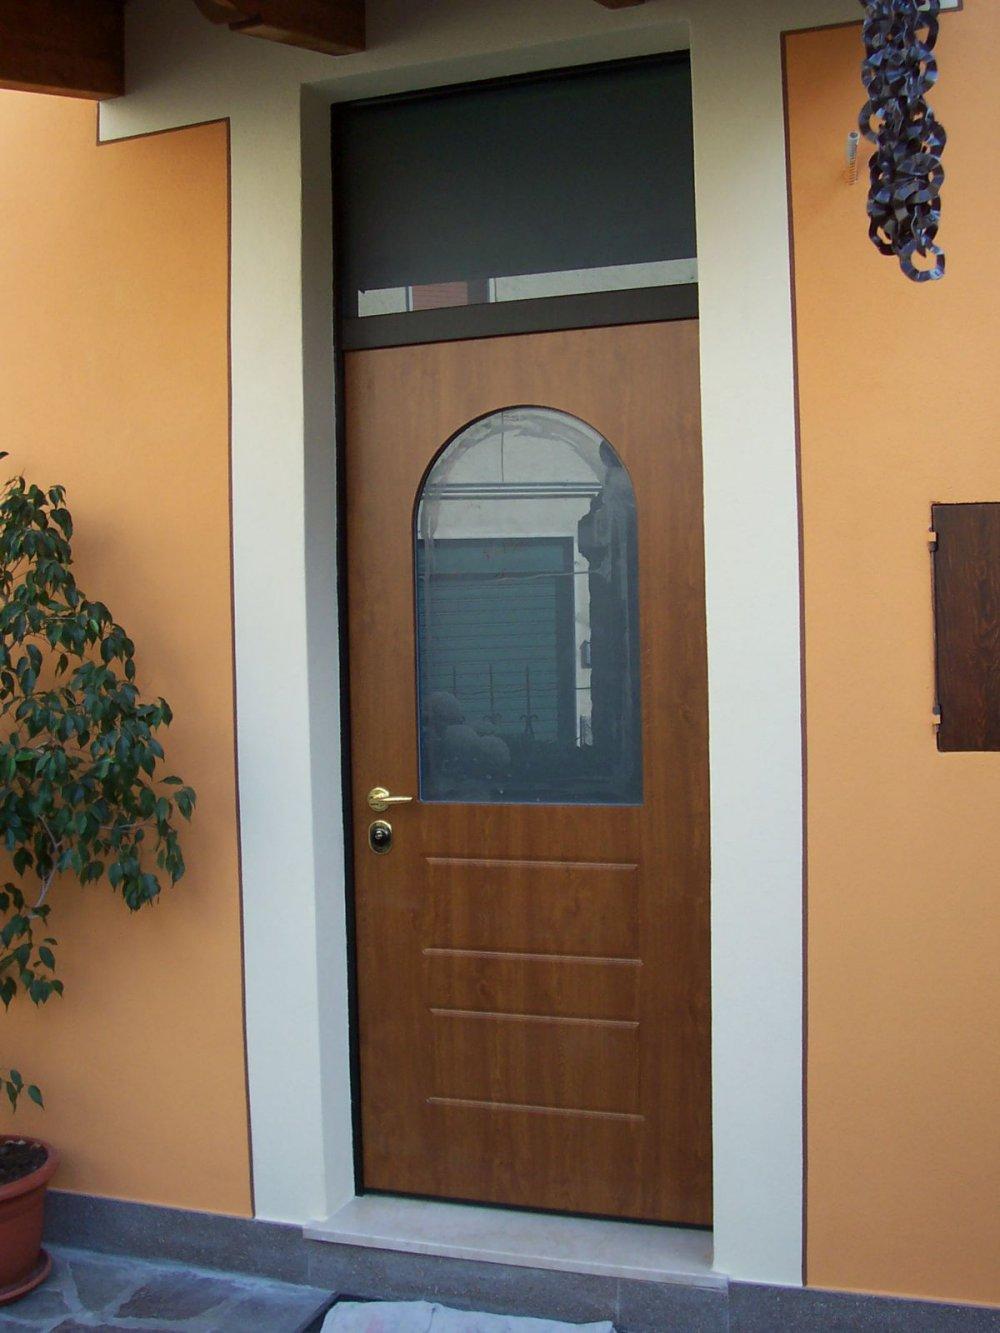 Sistemi di sicurezza habitare casa - Sistemi di sicurezza casa ...